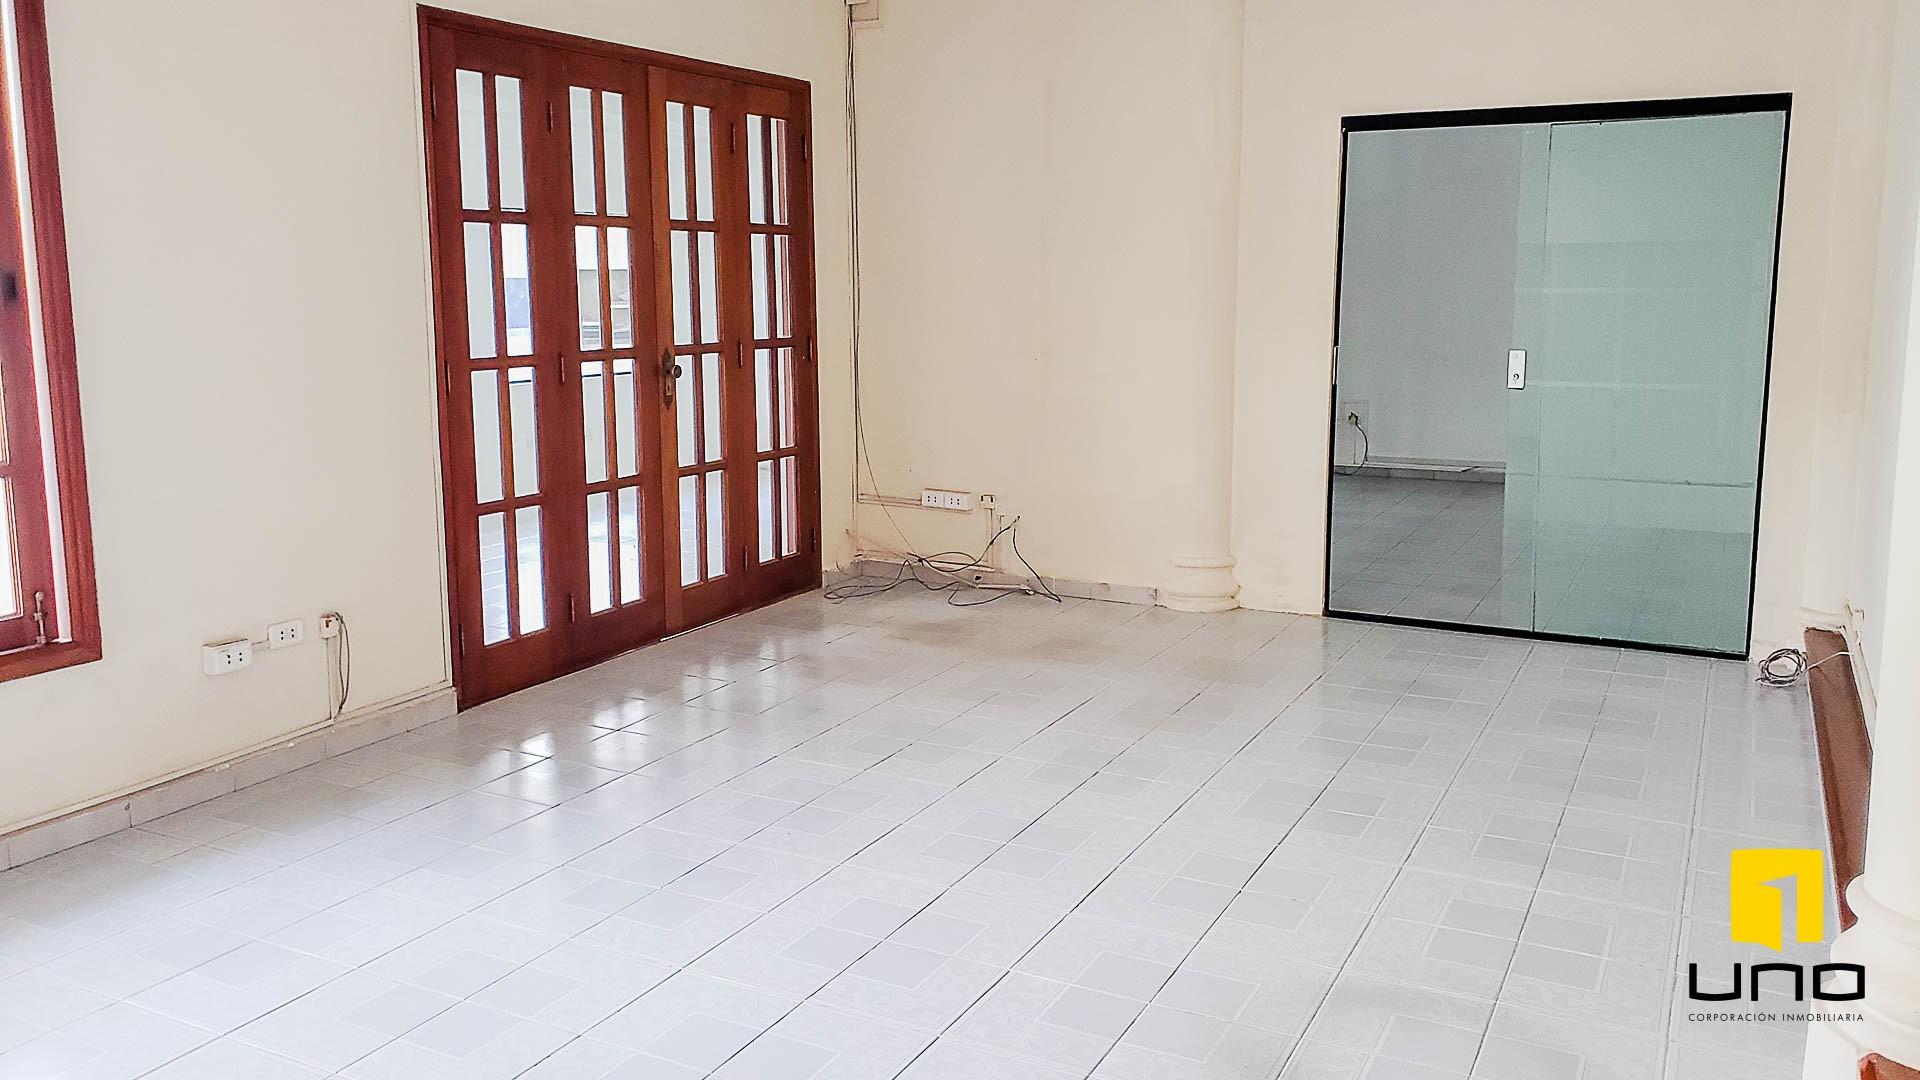 Casa en Alquiler BARRIO EQUIPETROL ALQUILO AMPLIA CASA PARA OFICINAS Foto 18